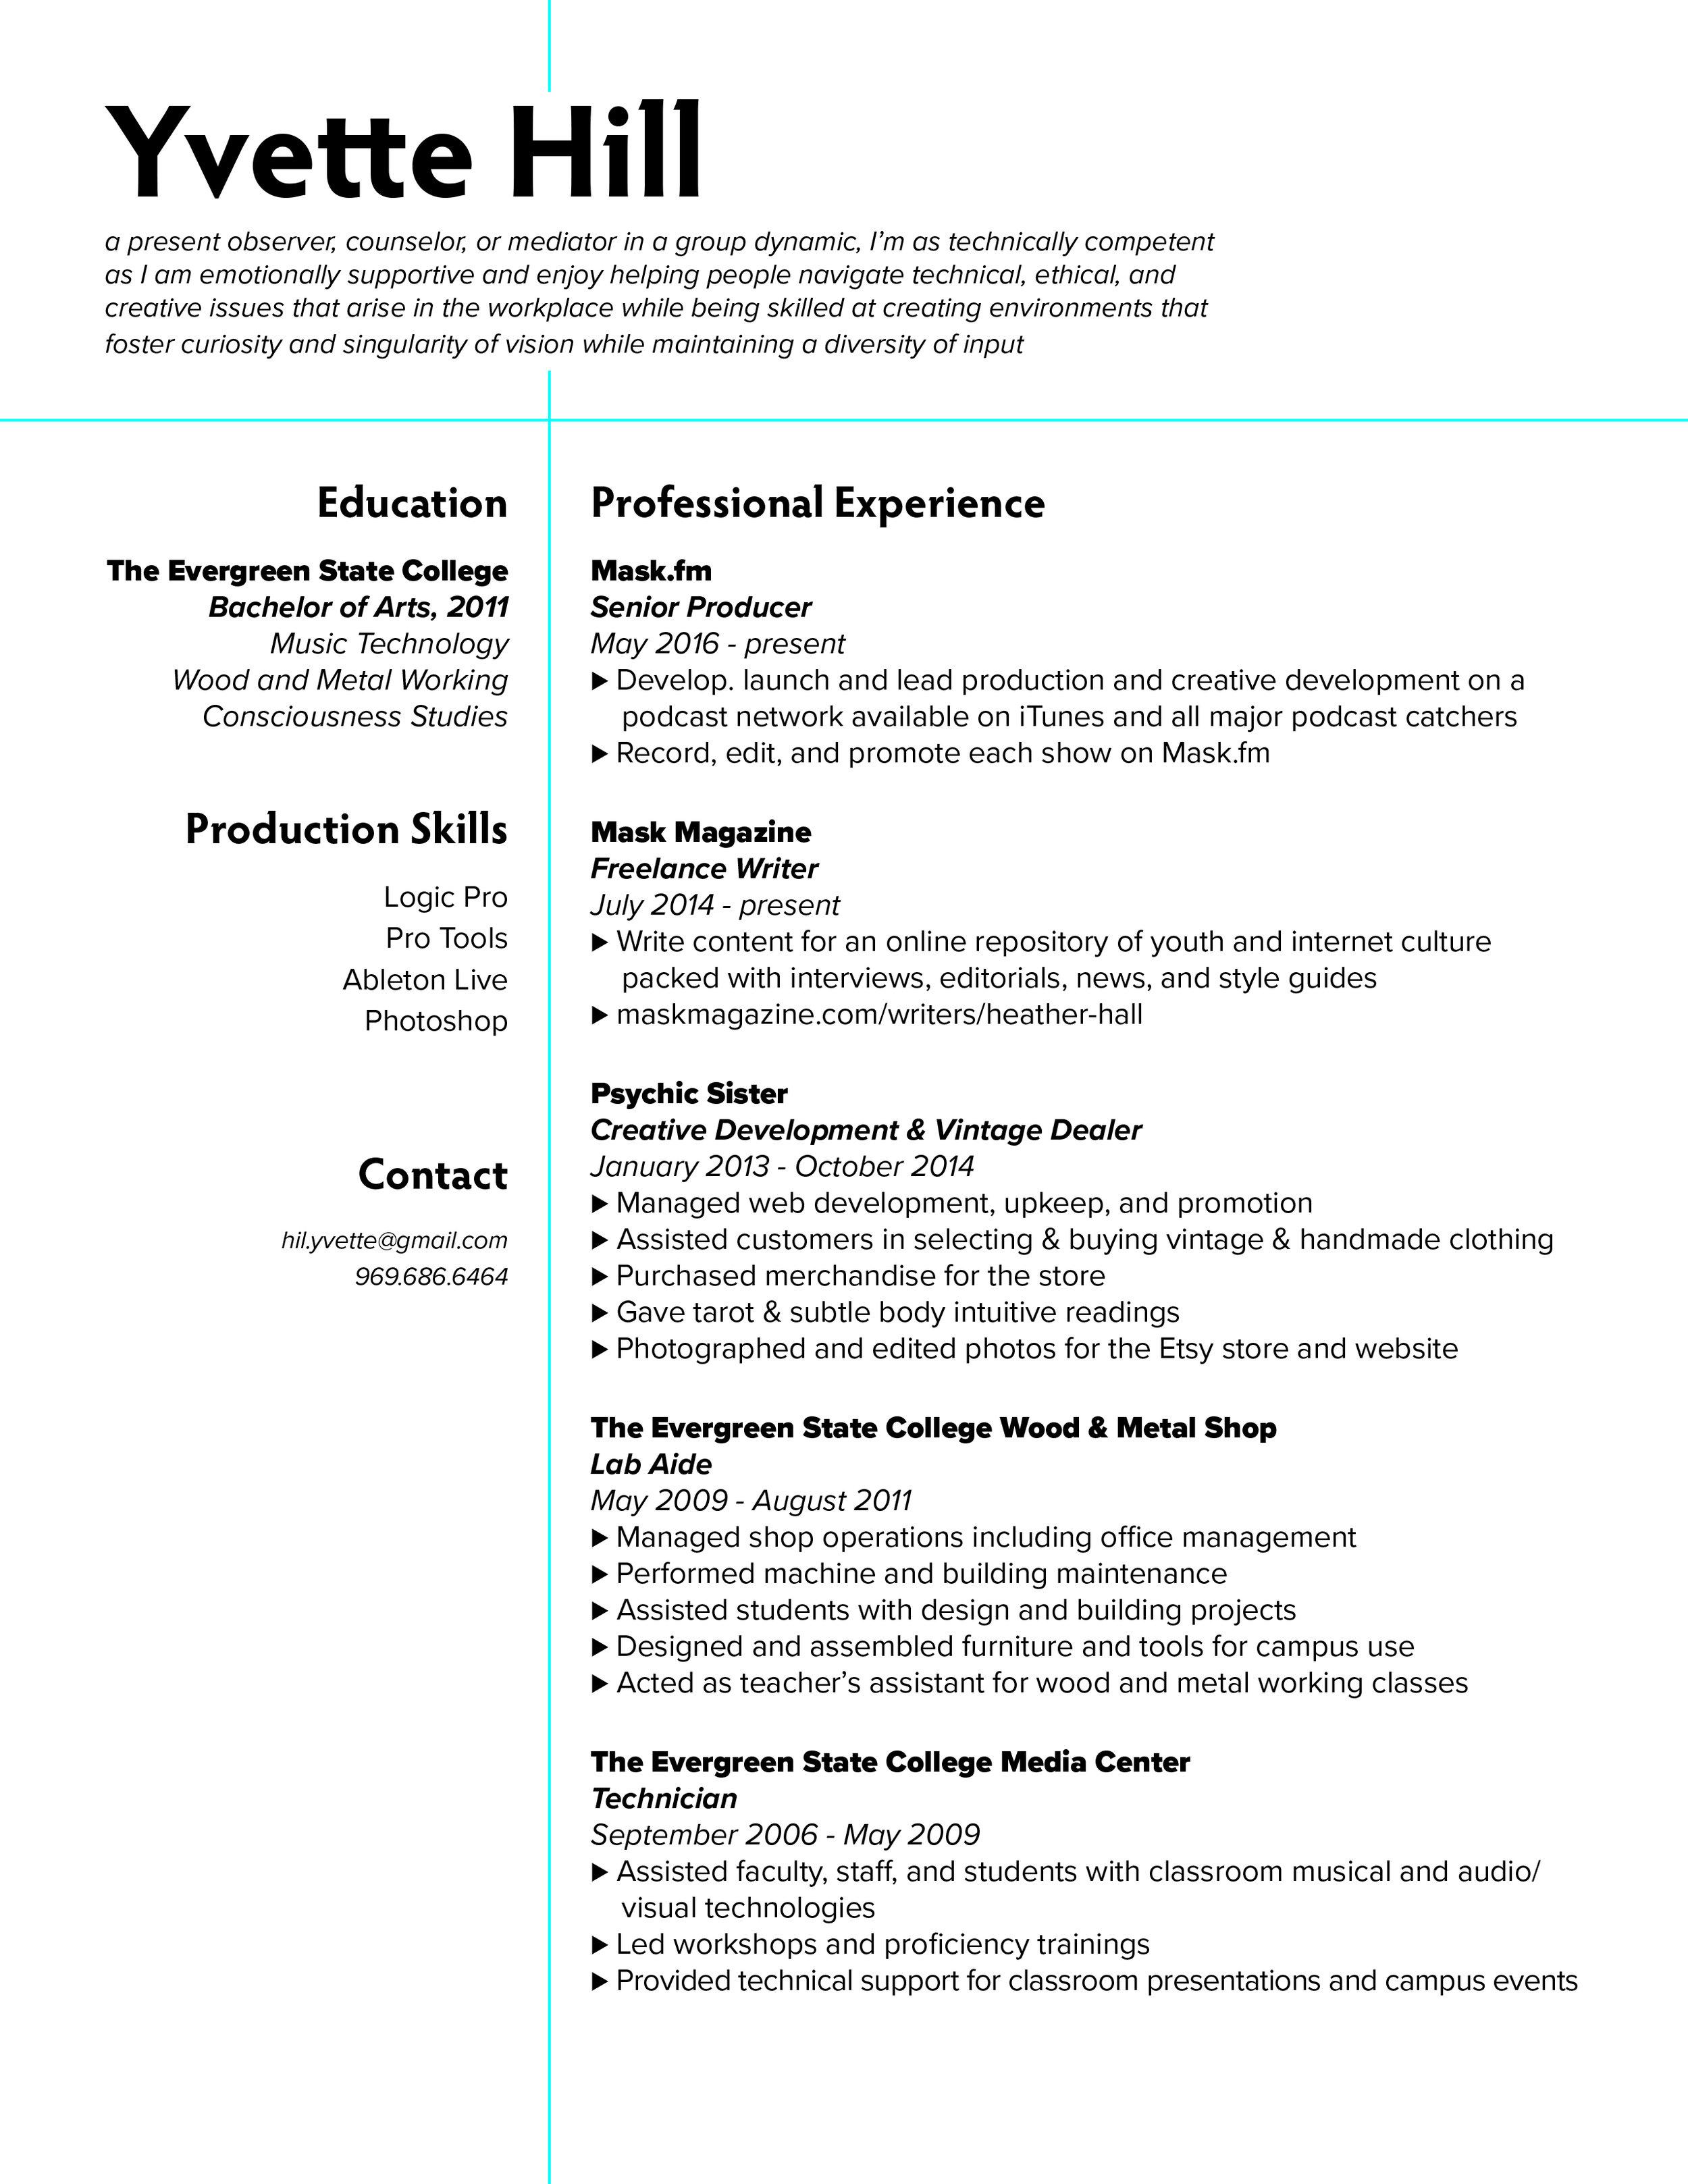 yvette's fake resume.jpg